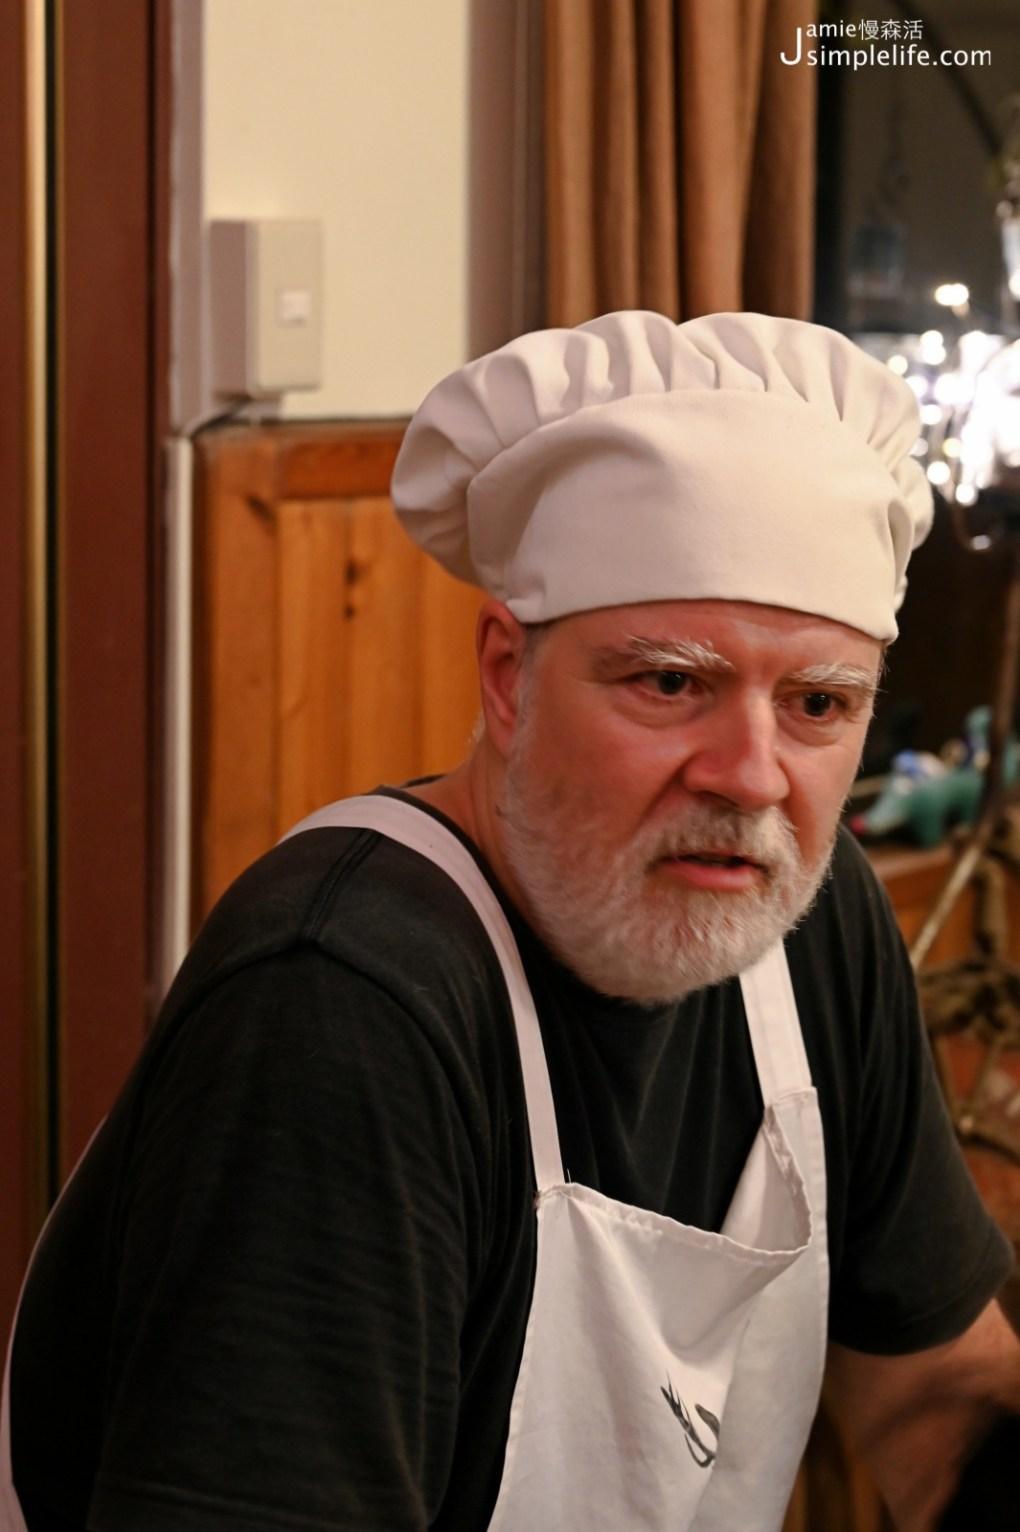 預約制、無菜單料理!德台夫妻開在台東「恰比兔子」餐廳 德國的先生裴友涵